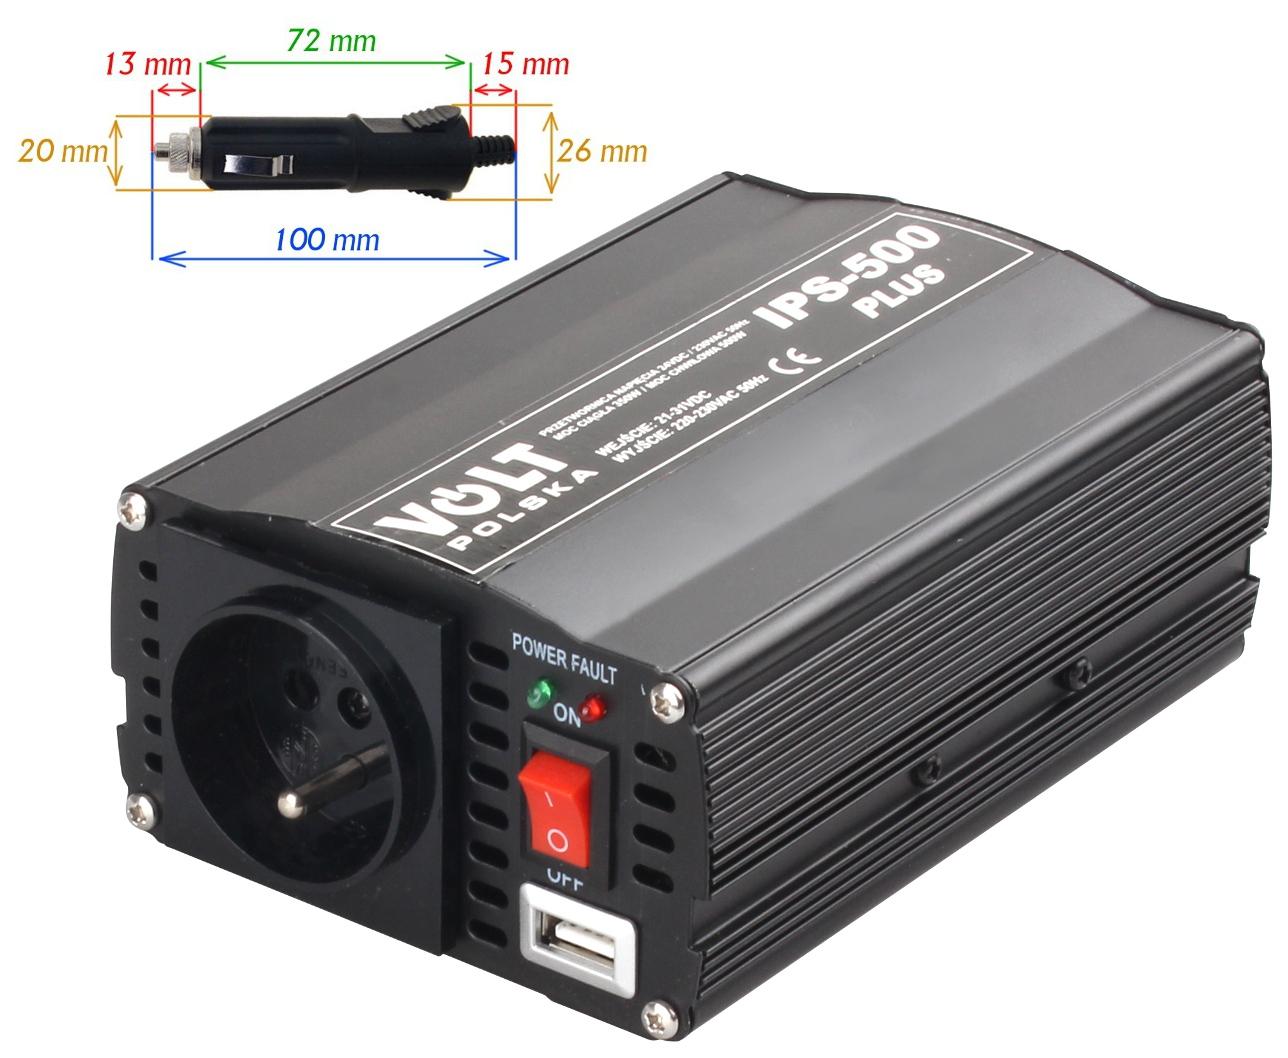 PRZETWORNICA IPS-500 PLUS 24V / 230V 350/500W